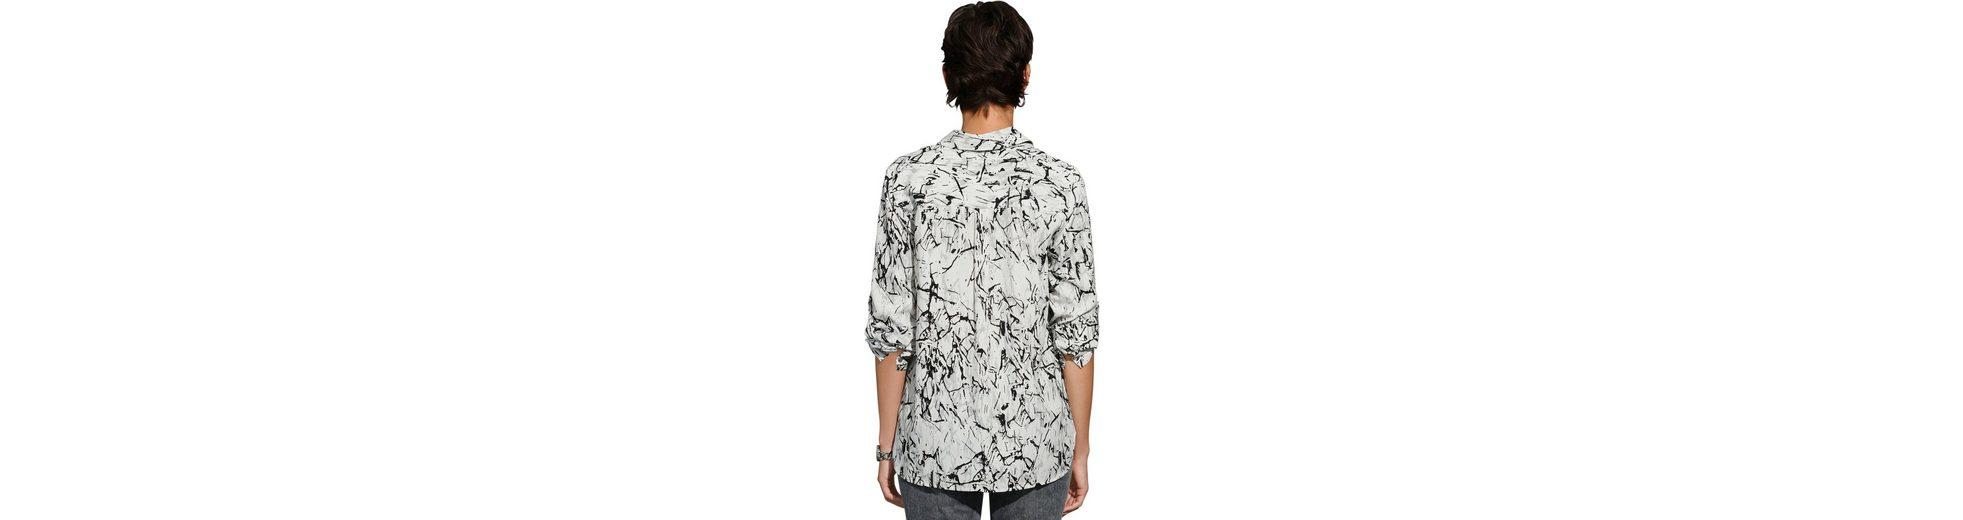 Création L Bluse mit Nieten Am Billigsten Vermarktbare Günstig Online Austritt Aus Deutschland Billig Verkauf Footlocker Bilder kWkjD